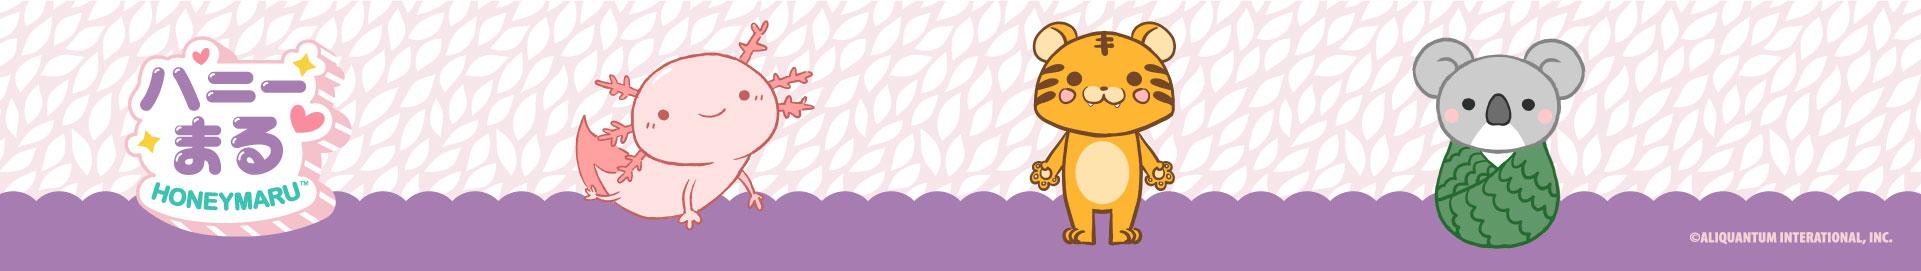 jellybeet-web-honeymaru-brandbanner-jc.jpg